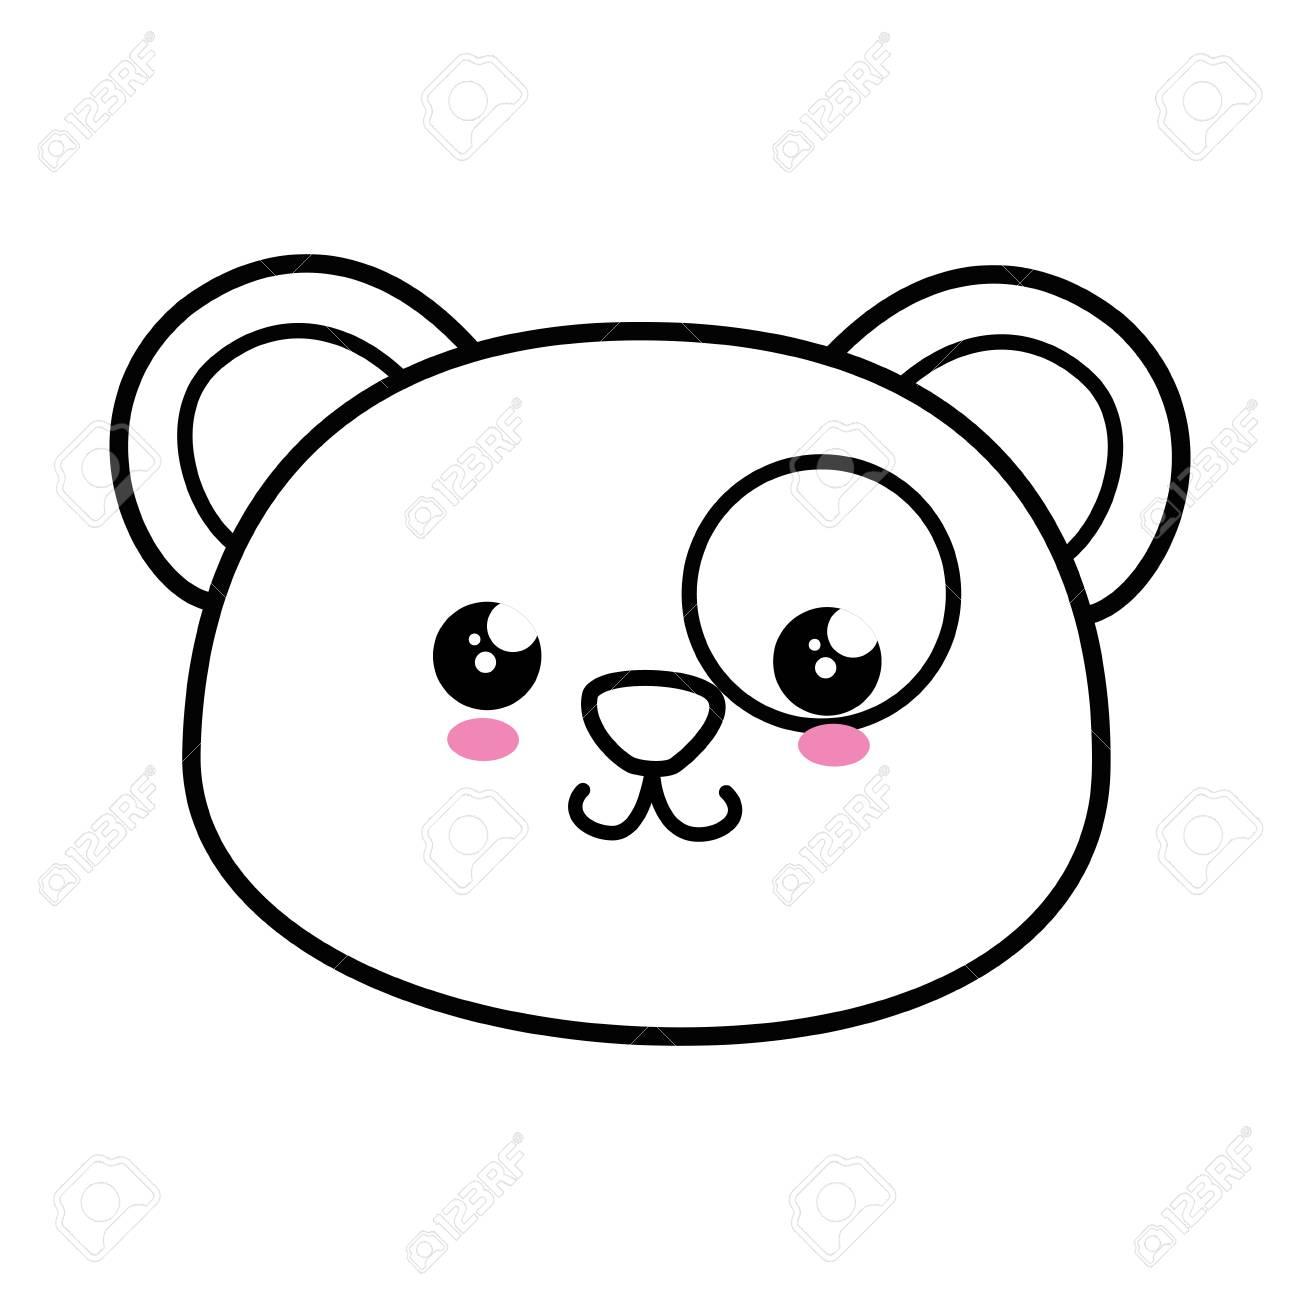 Panda Kawaii Dessin Anime Icone Vector Illustration Graphisme Clip Art Libres De Droits Vecteurs Et Illustration Image 79413220